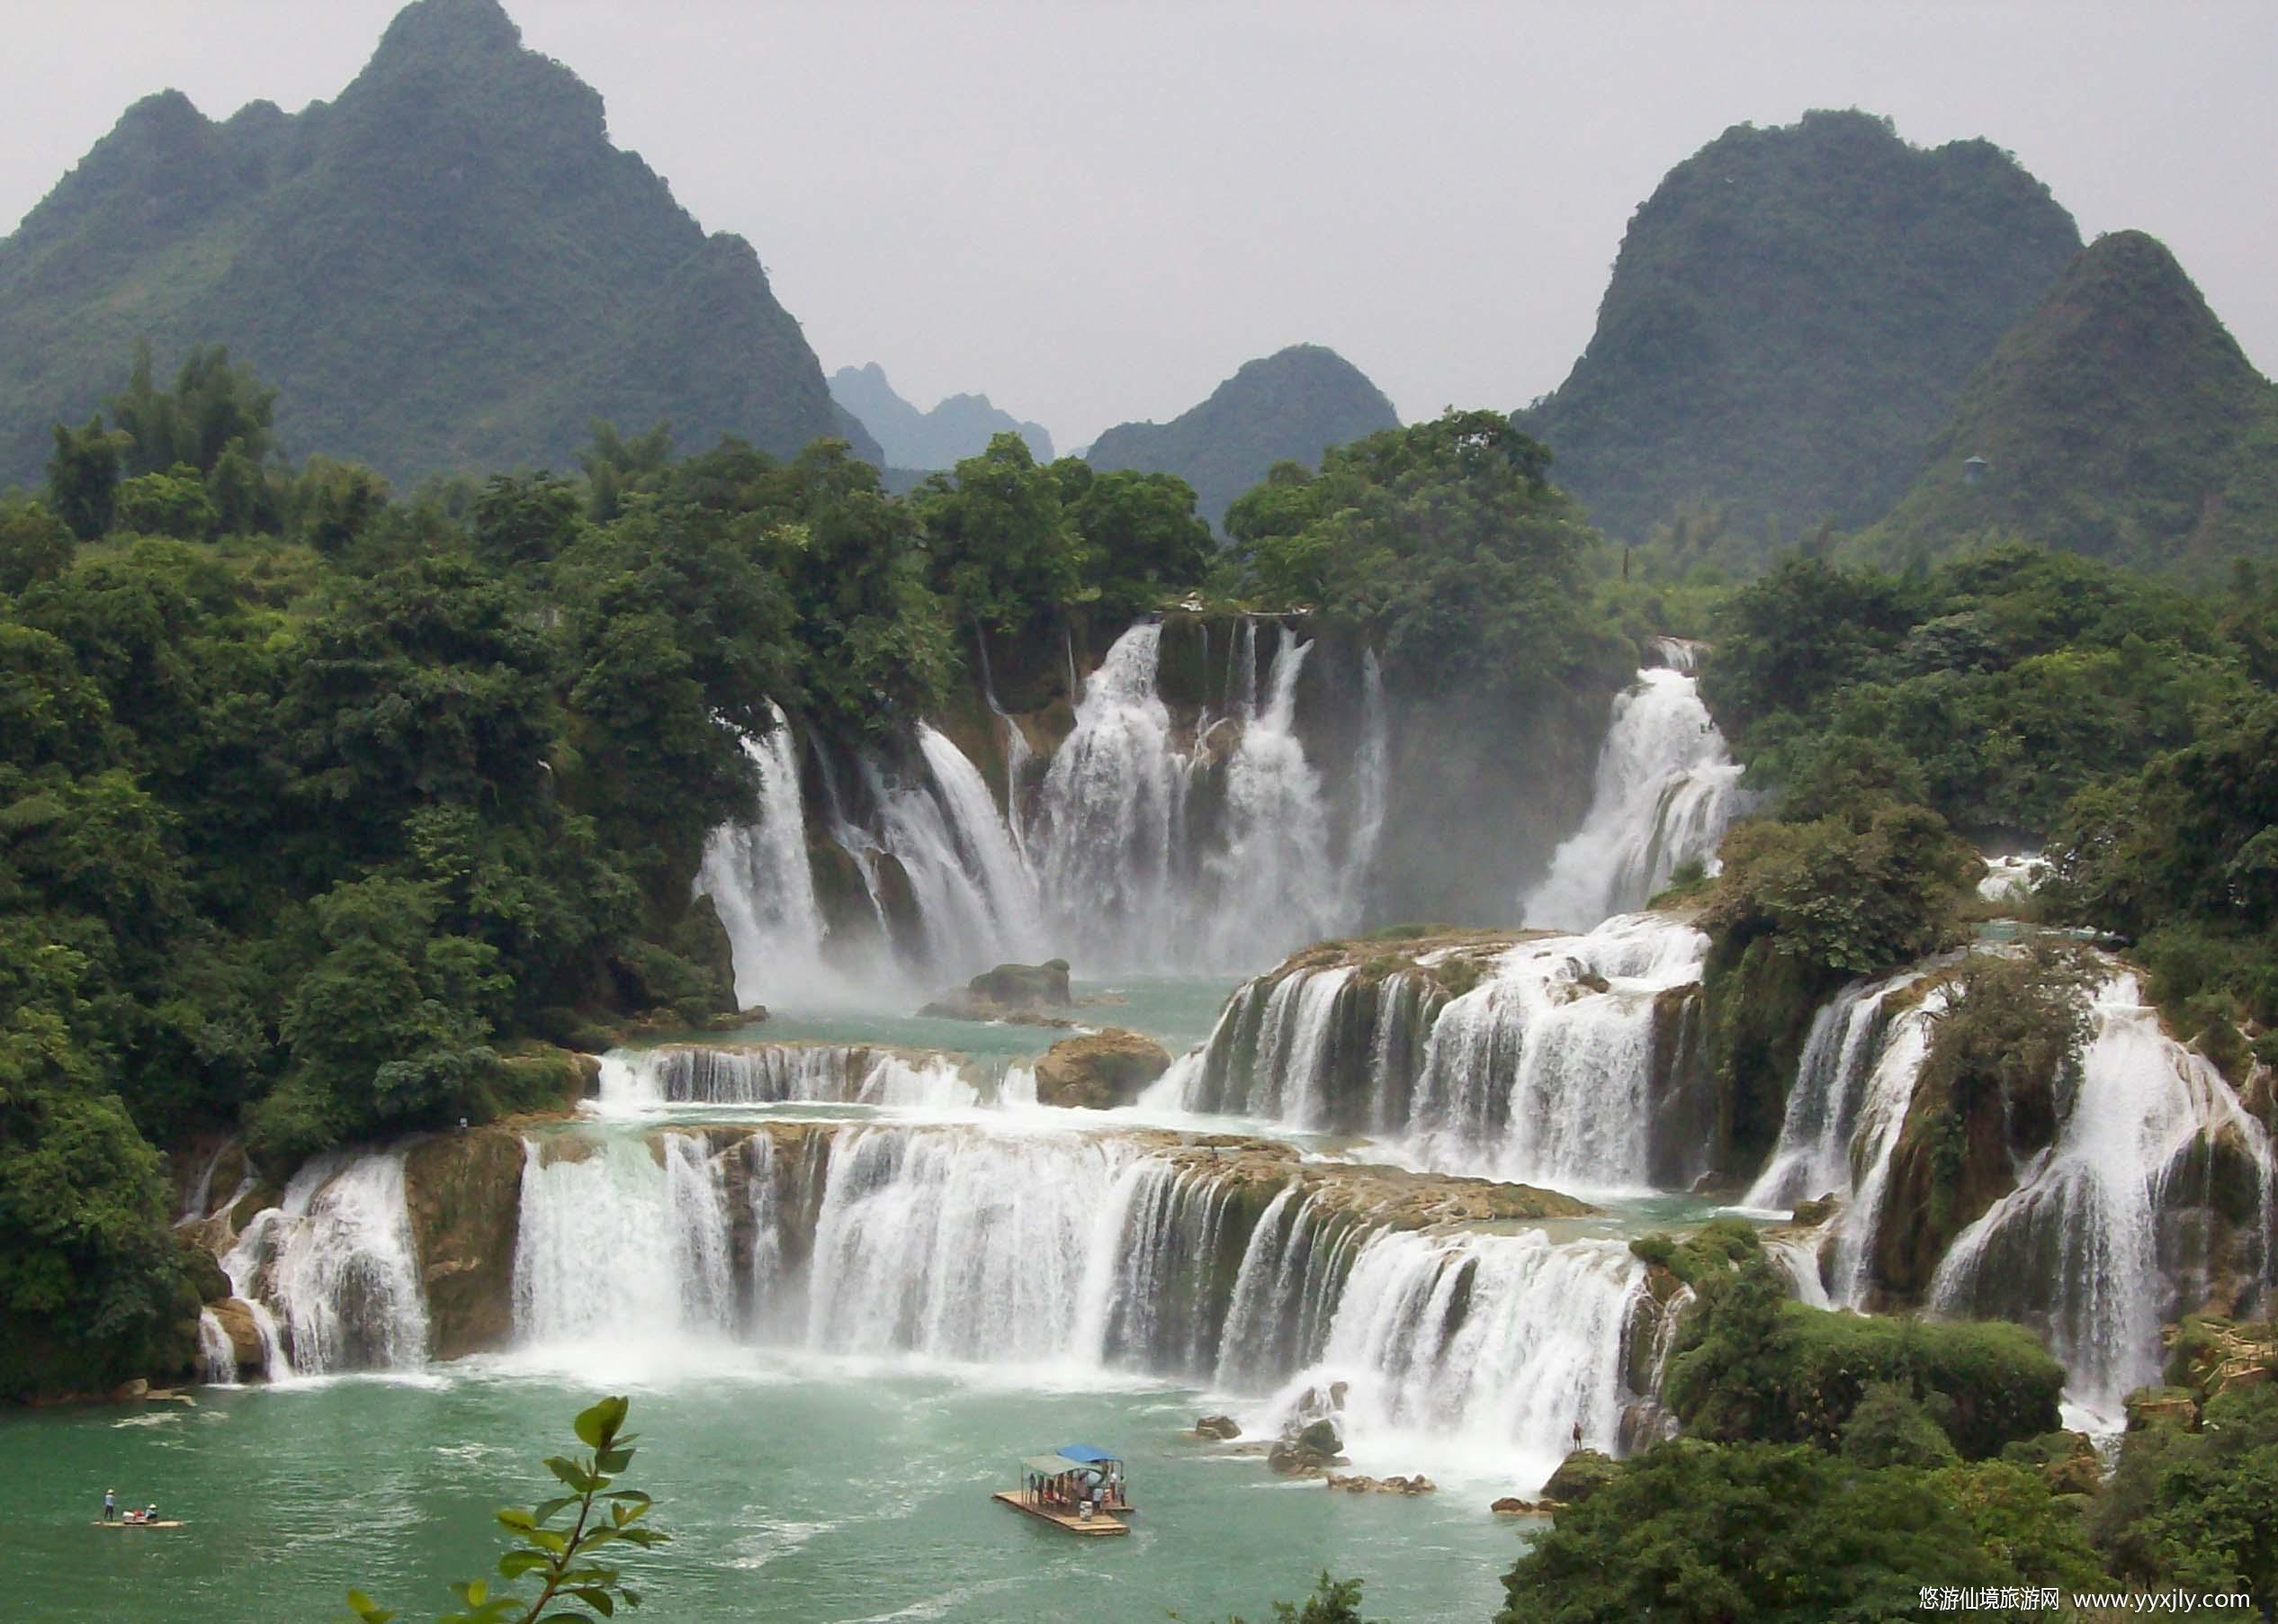 青岛去桂林火车七日游多少钱-广西玩什么-大漓江小